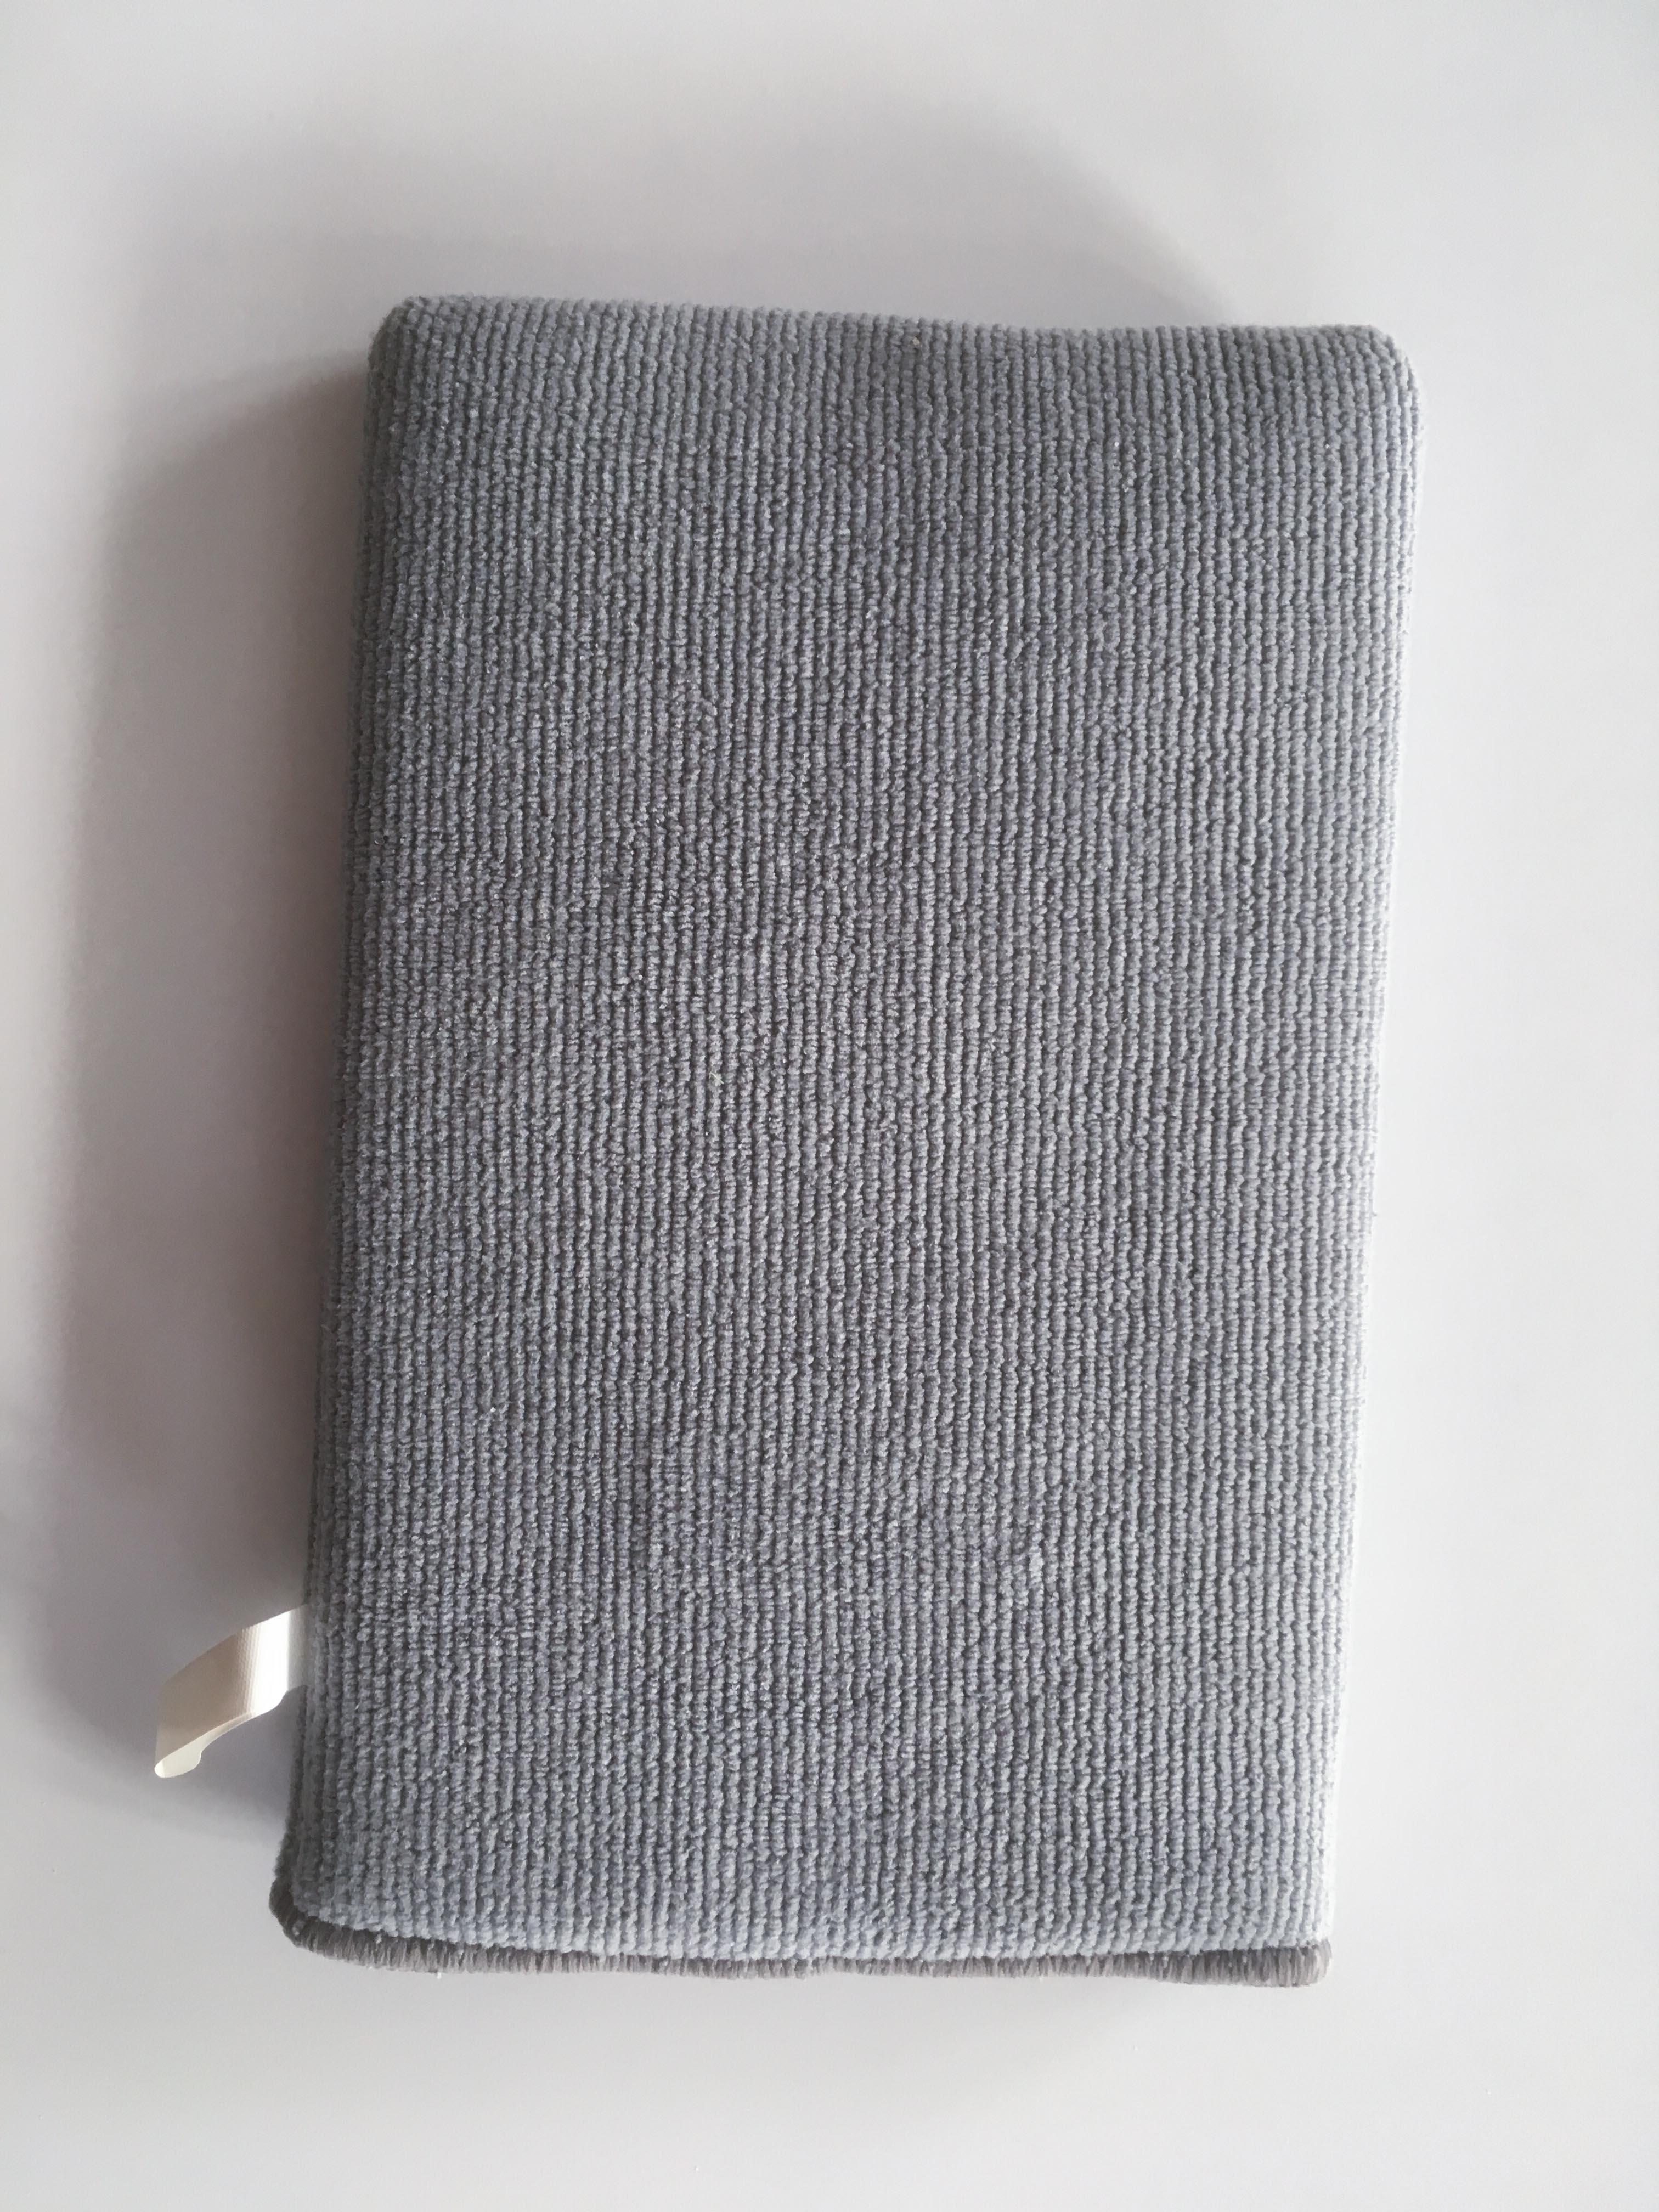 sto stangen aus edelstahl microfaser handschuh mit reinigungsknete. Black Bedroom Furniture Sets. Home Design Ideas